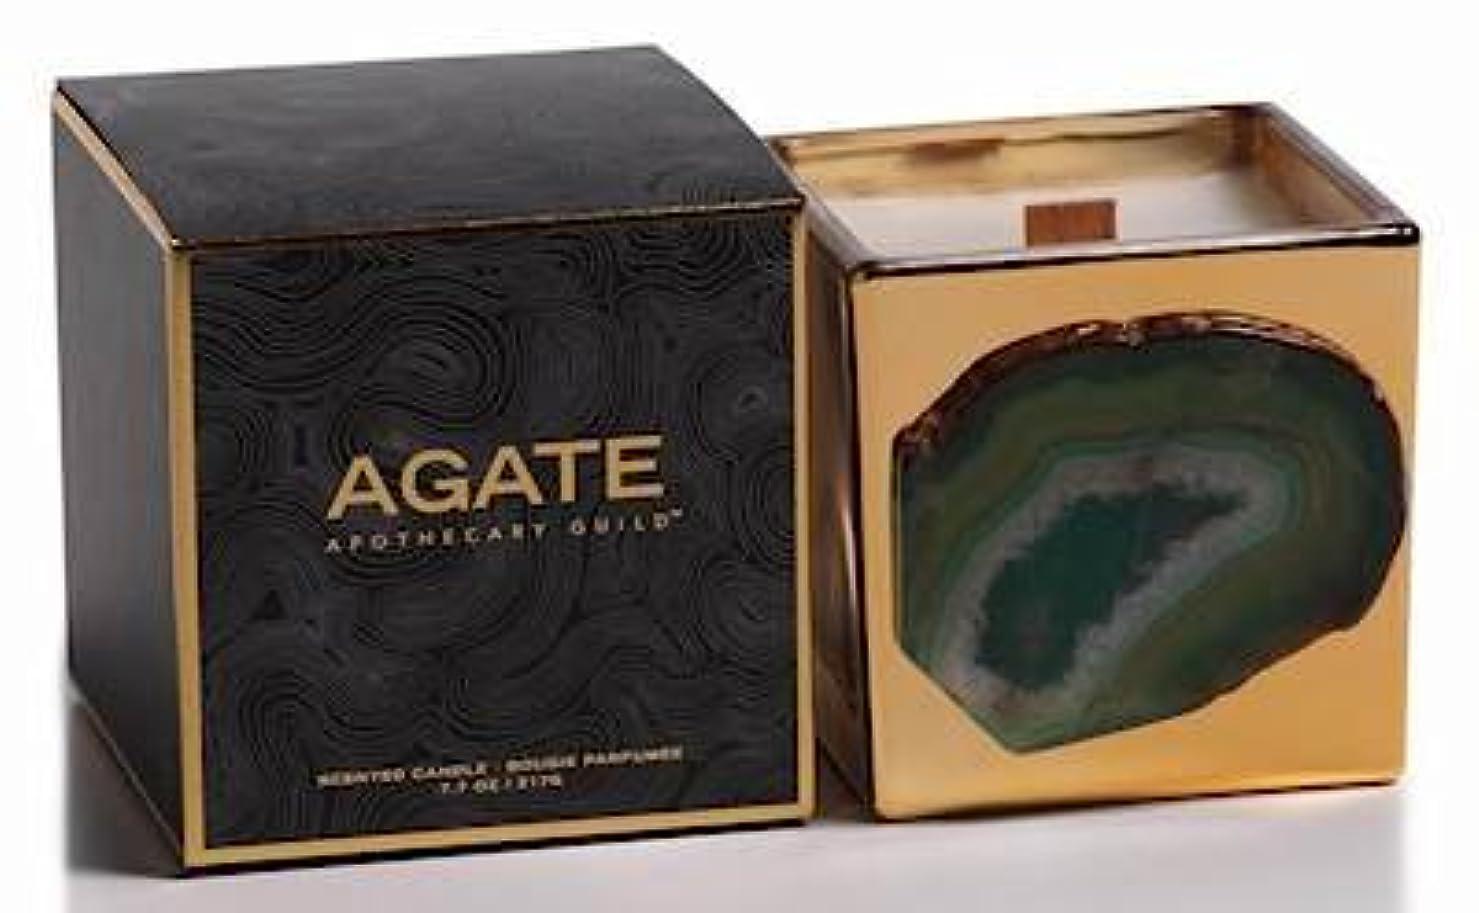 に対応道を作る胚Zodax Agate Scented Candle Jar 50 Hours Burn Time- Siberian Fir (217gm / 7.7oz)